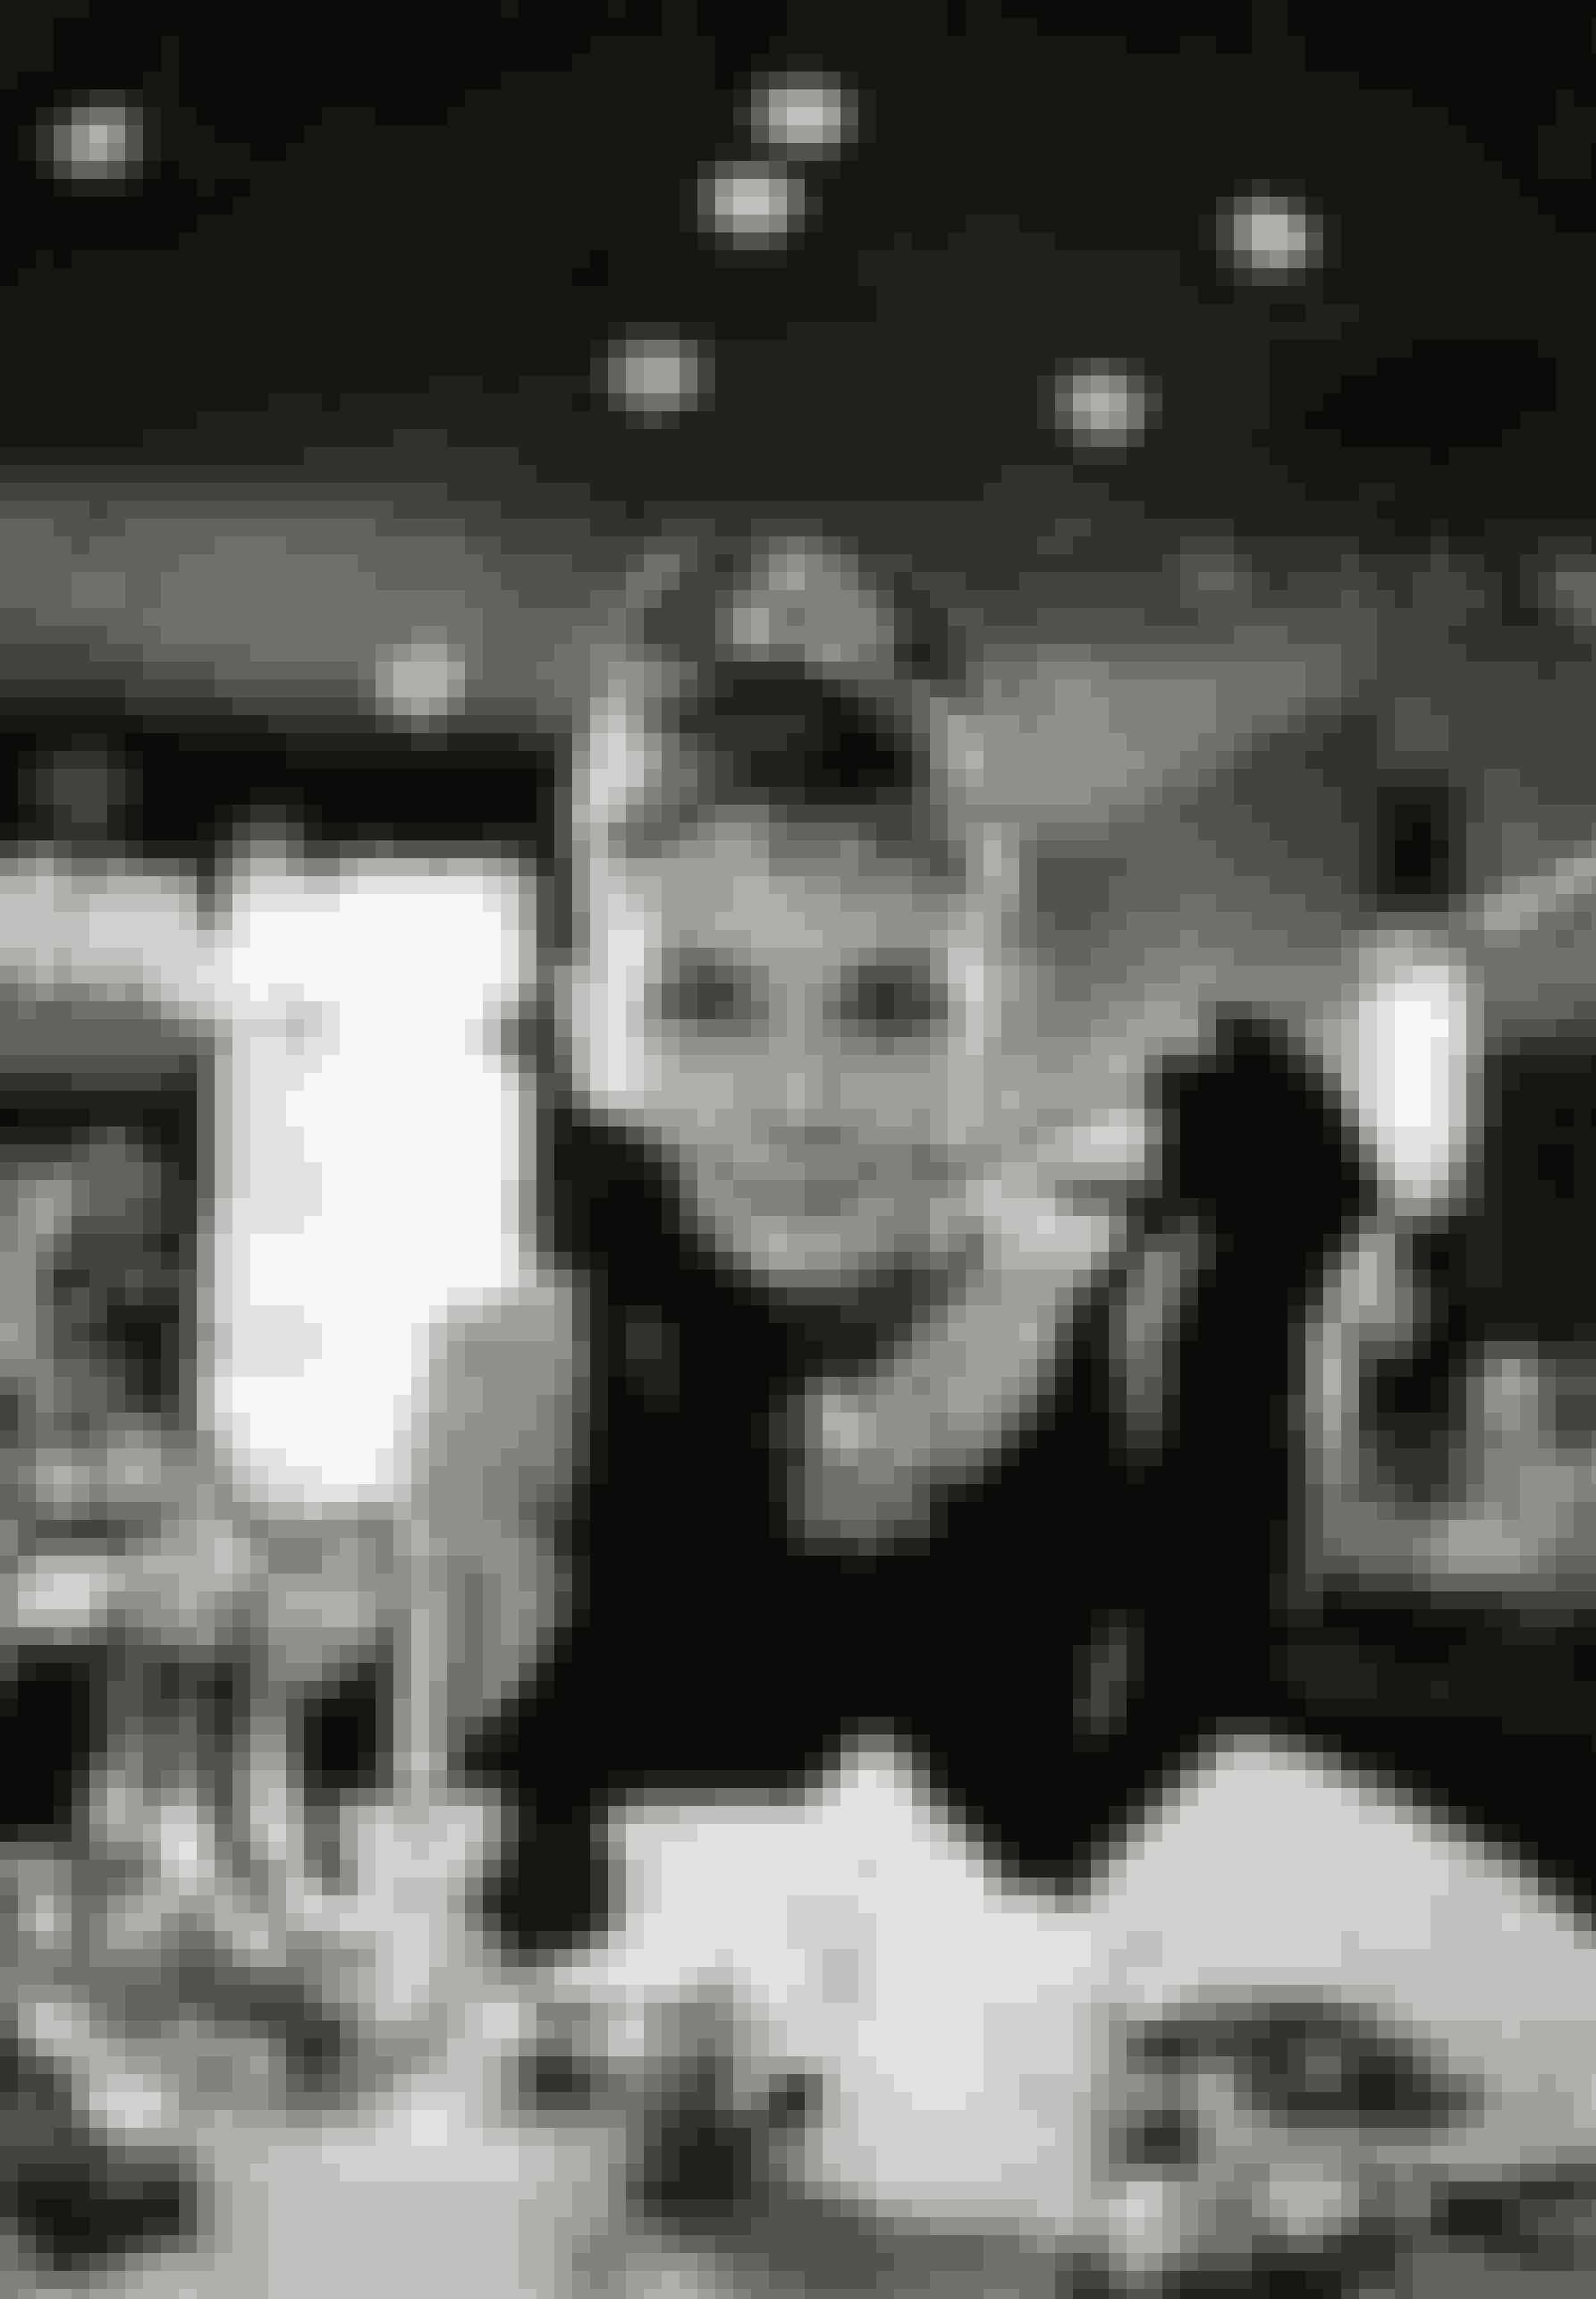 Breakfast at Tiffany's (1961)Det var egentlig Marilyn Monroe der først fik den ikoniske rolle som Holly Golightly. Men da rollen senere gik til Audrey Hepburn, gjorde hun den til sin egen og tilføjede karakteren hendes egen smag - ikke mindst med Hubert de Givenchys øje for ren elegance.